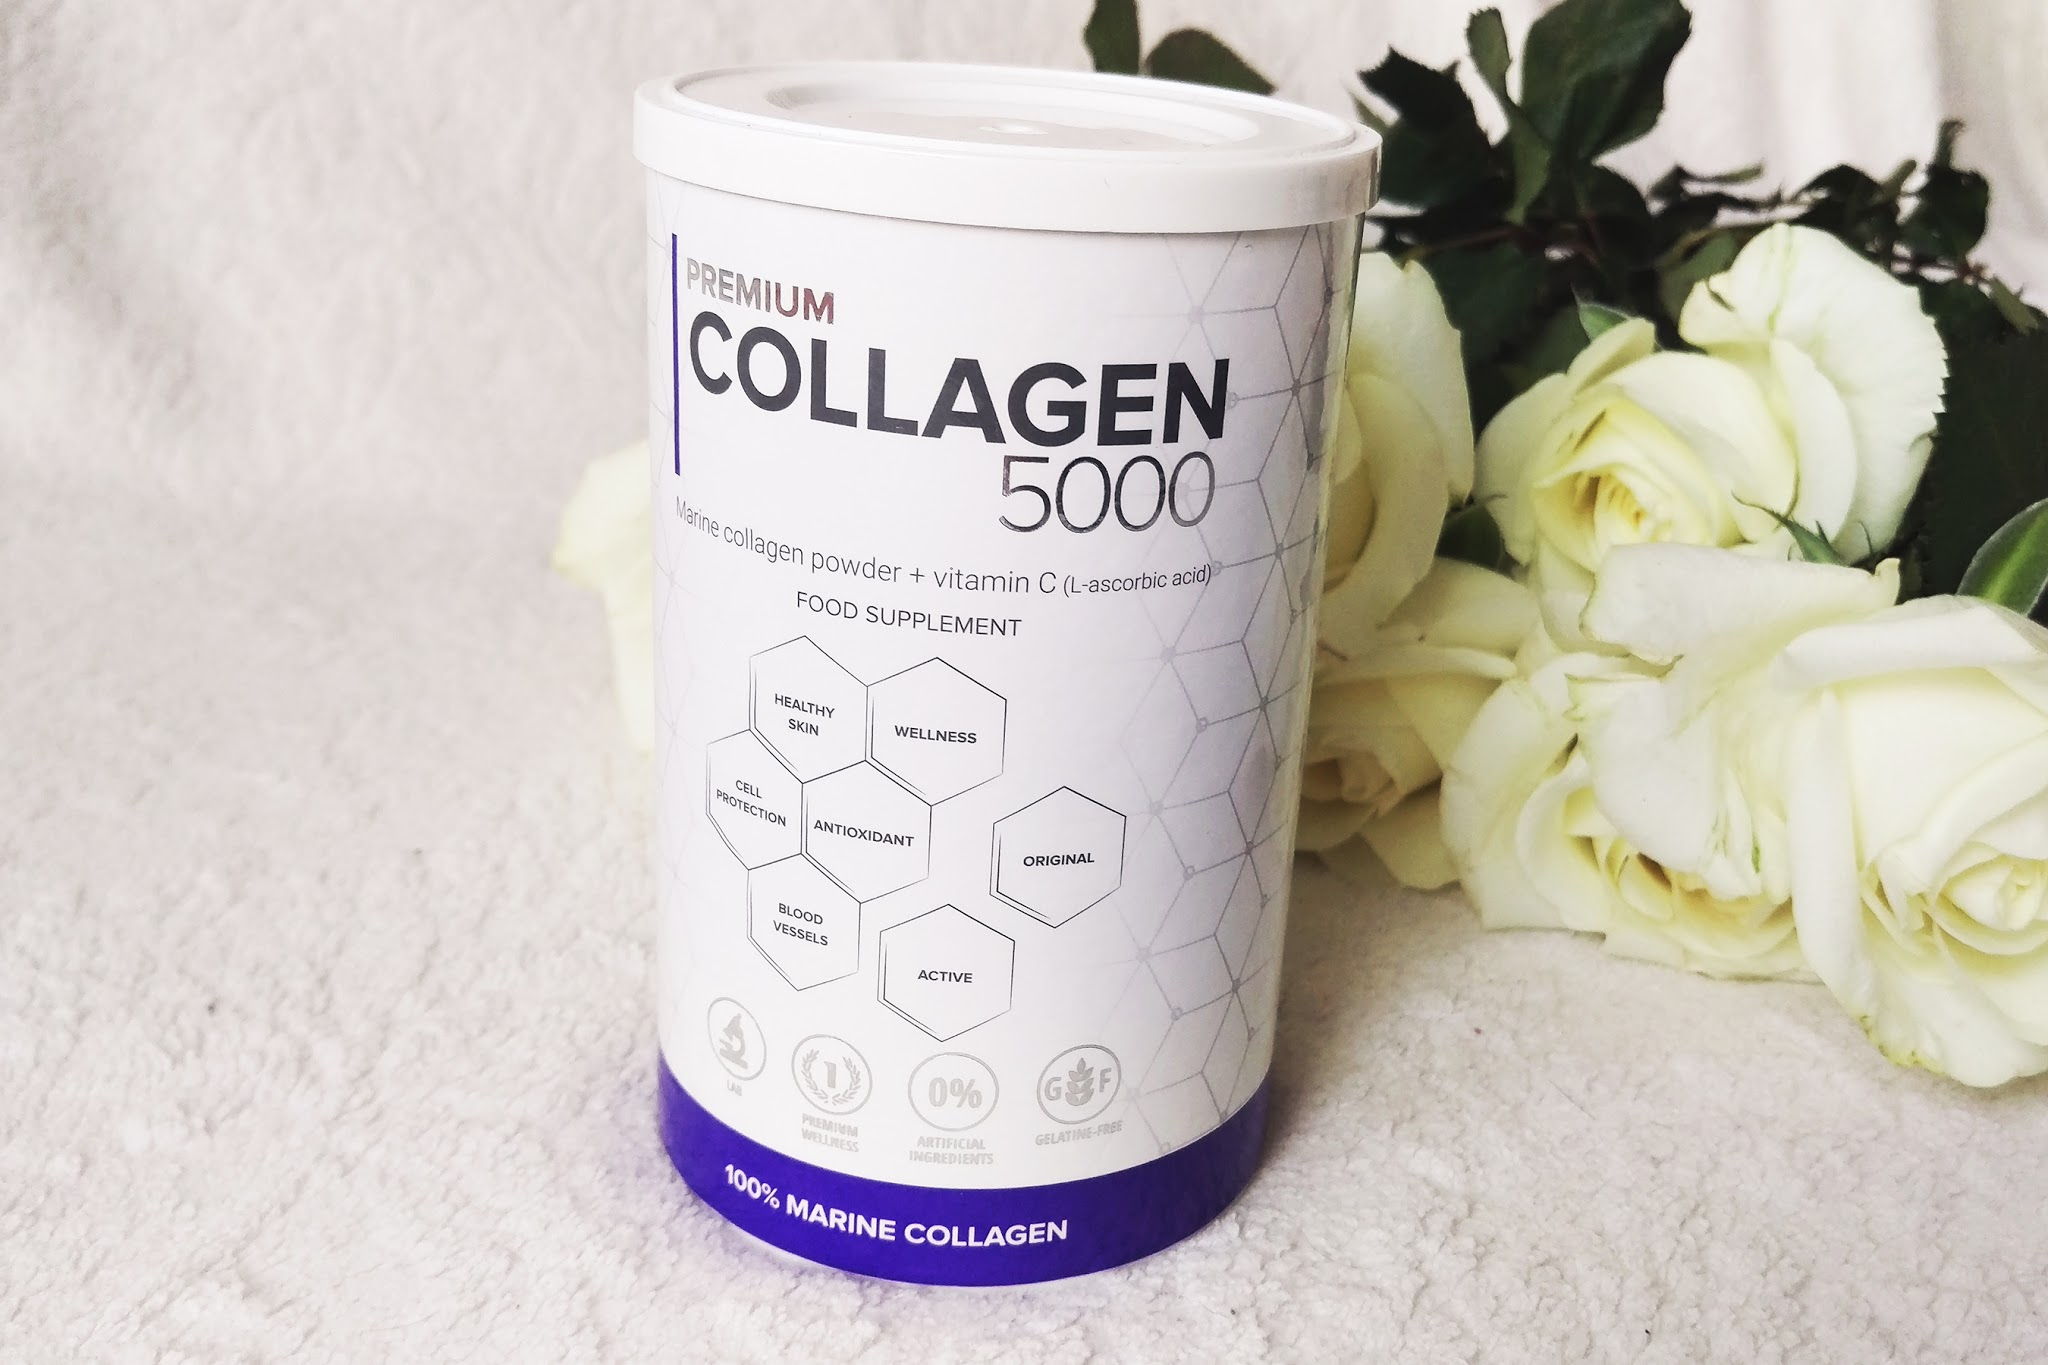 Premium Collagen 5000 opinie